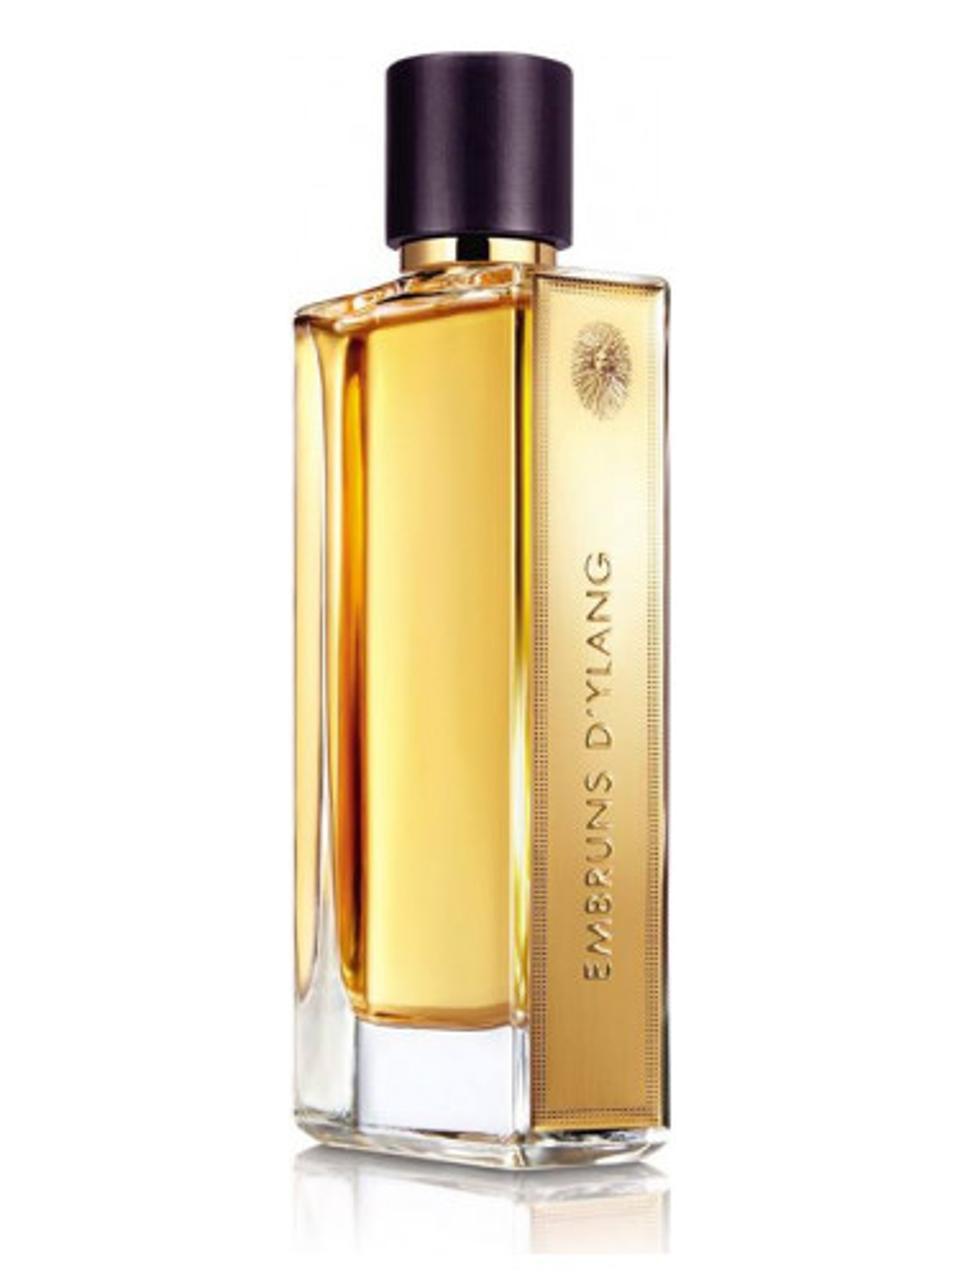 Embruns d'Ylang Eau de Parfum from GUERLAIN